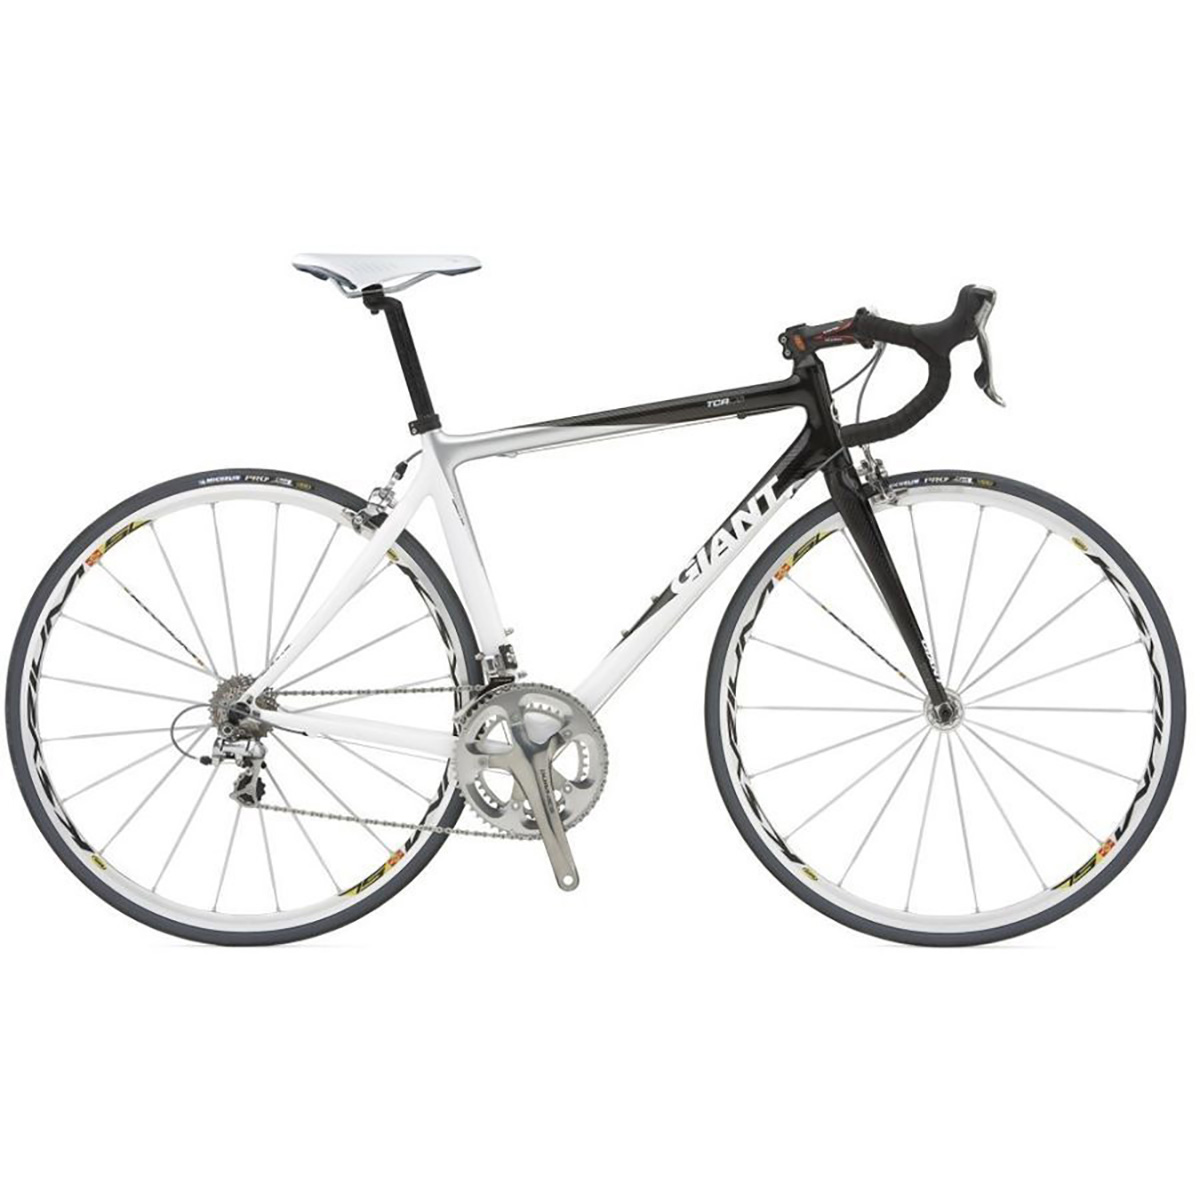 دوچرخه کورسی جاینت مدل TCR C0  سایز 28 اینچ |